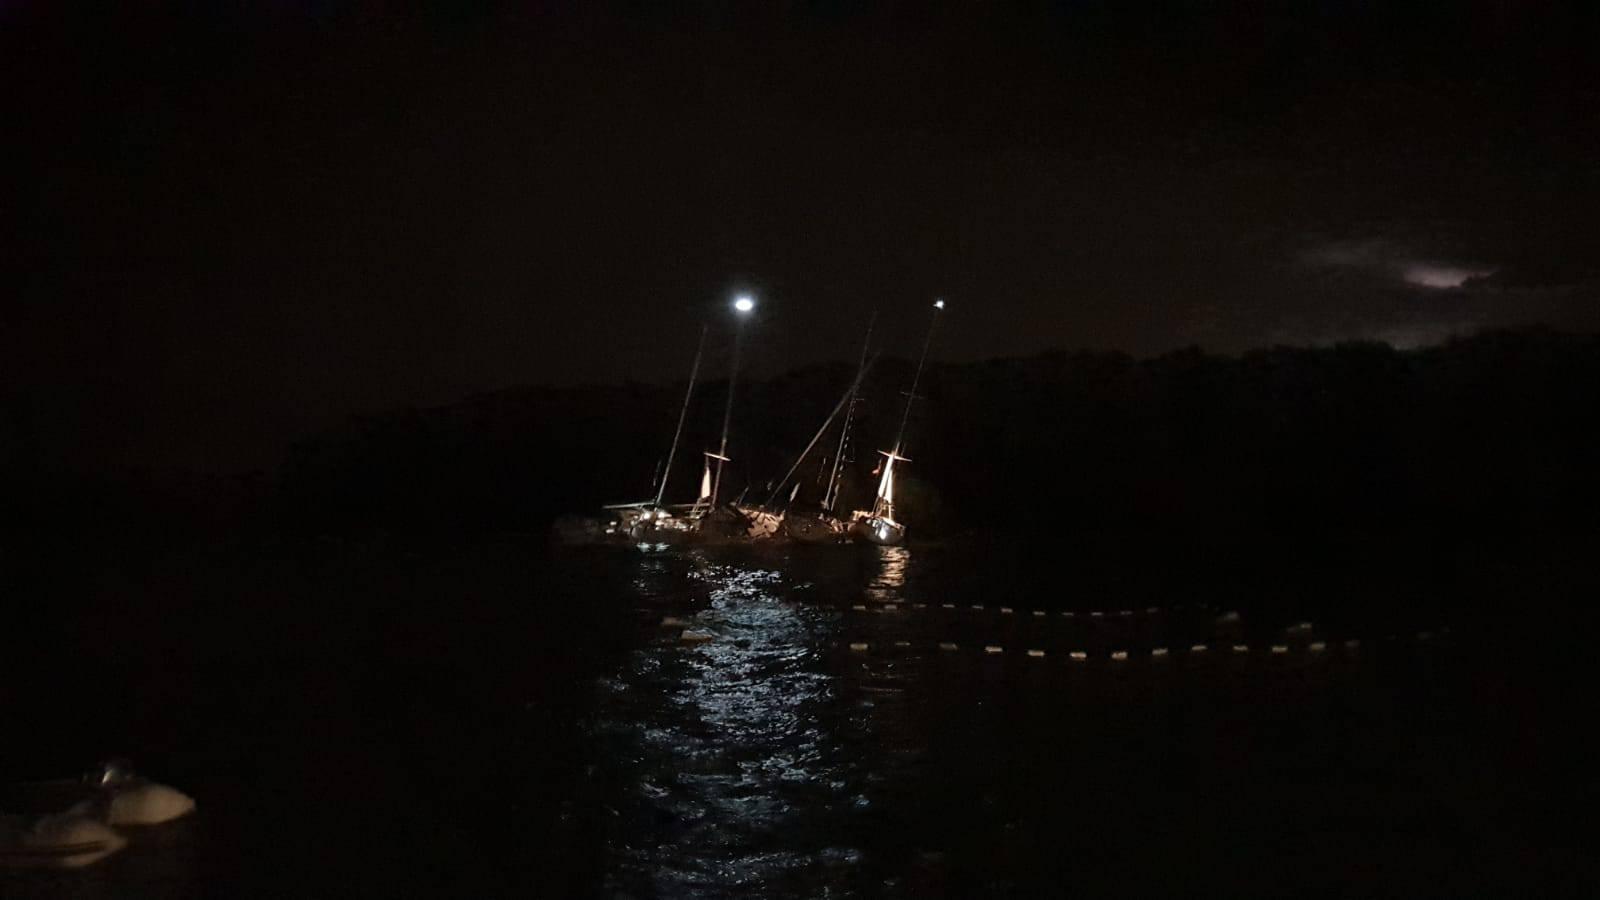 Jedrilica s pet članova posade nasukala se kod otoka Ravnika